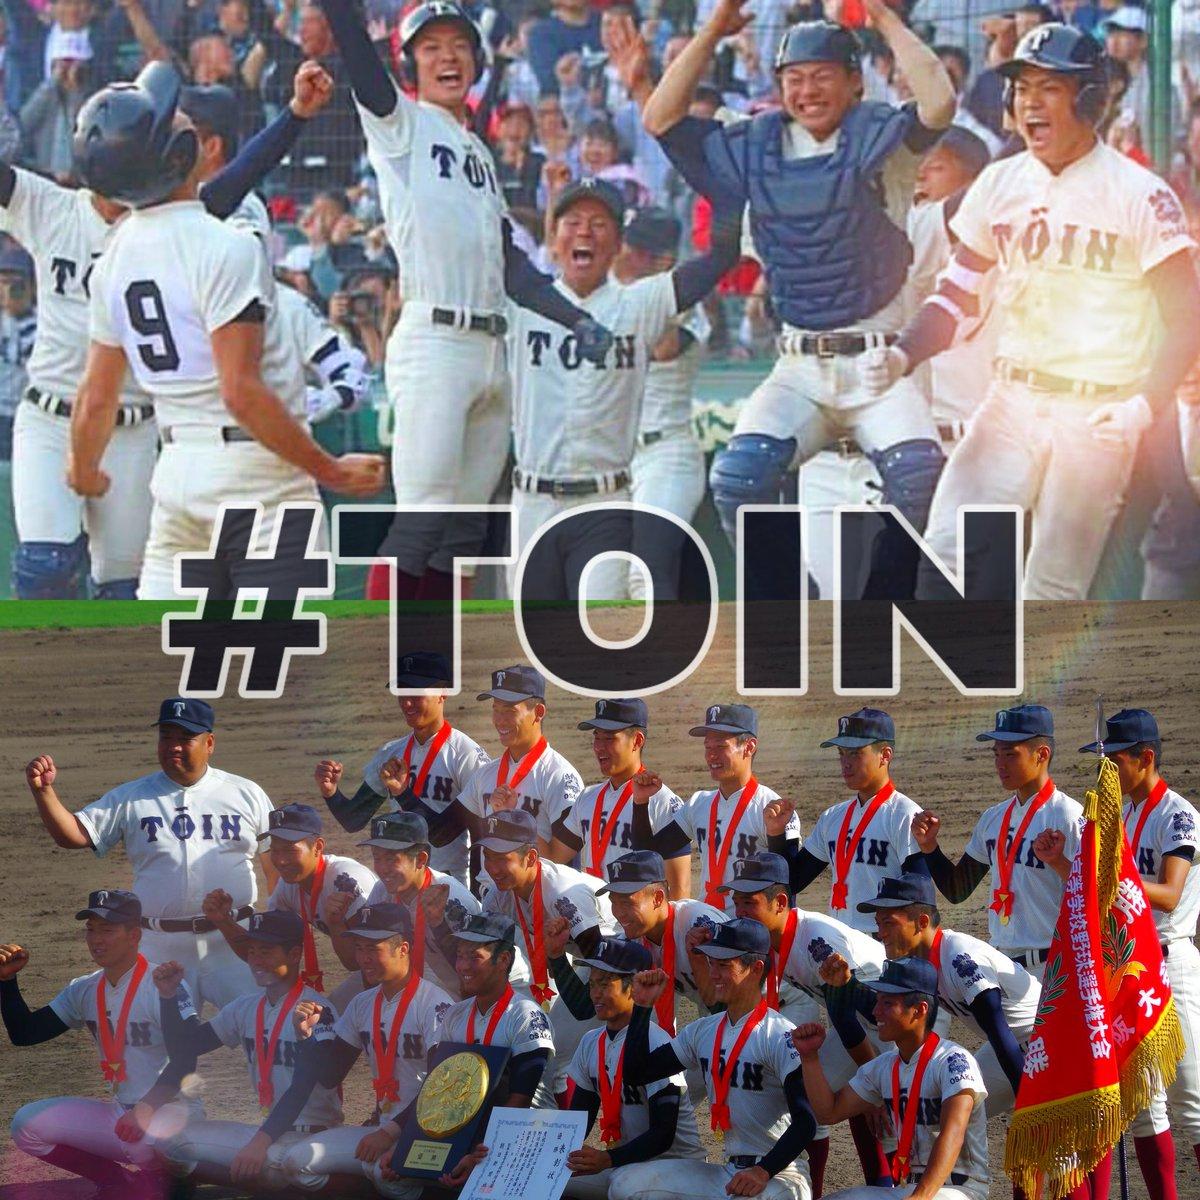 2019年の最高 高校 野球 かっこいい 壁紙 画像の印刷とダウンロード